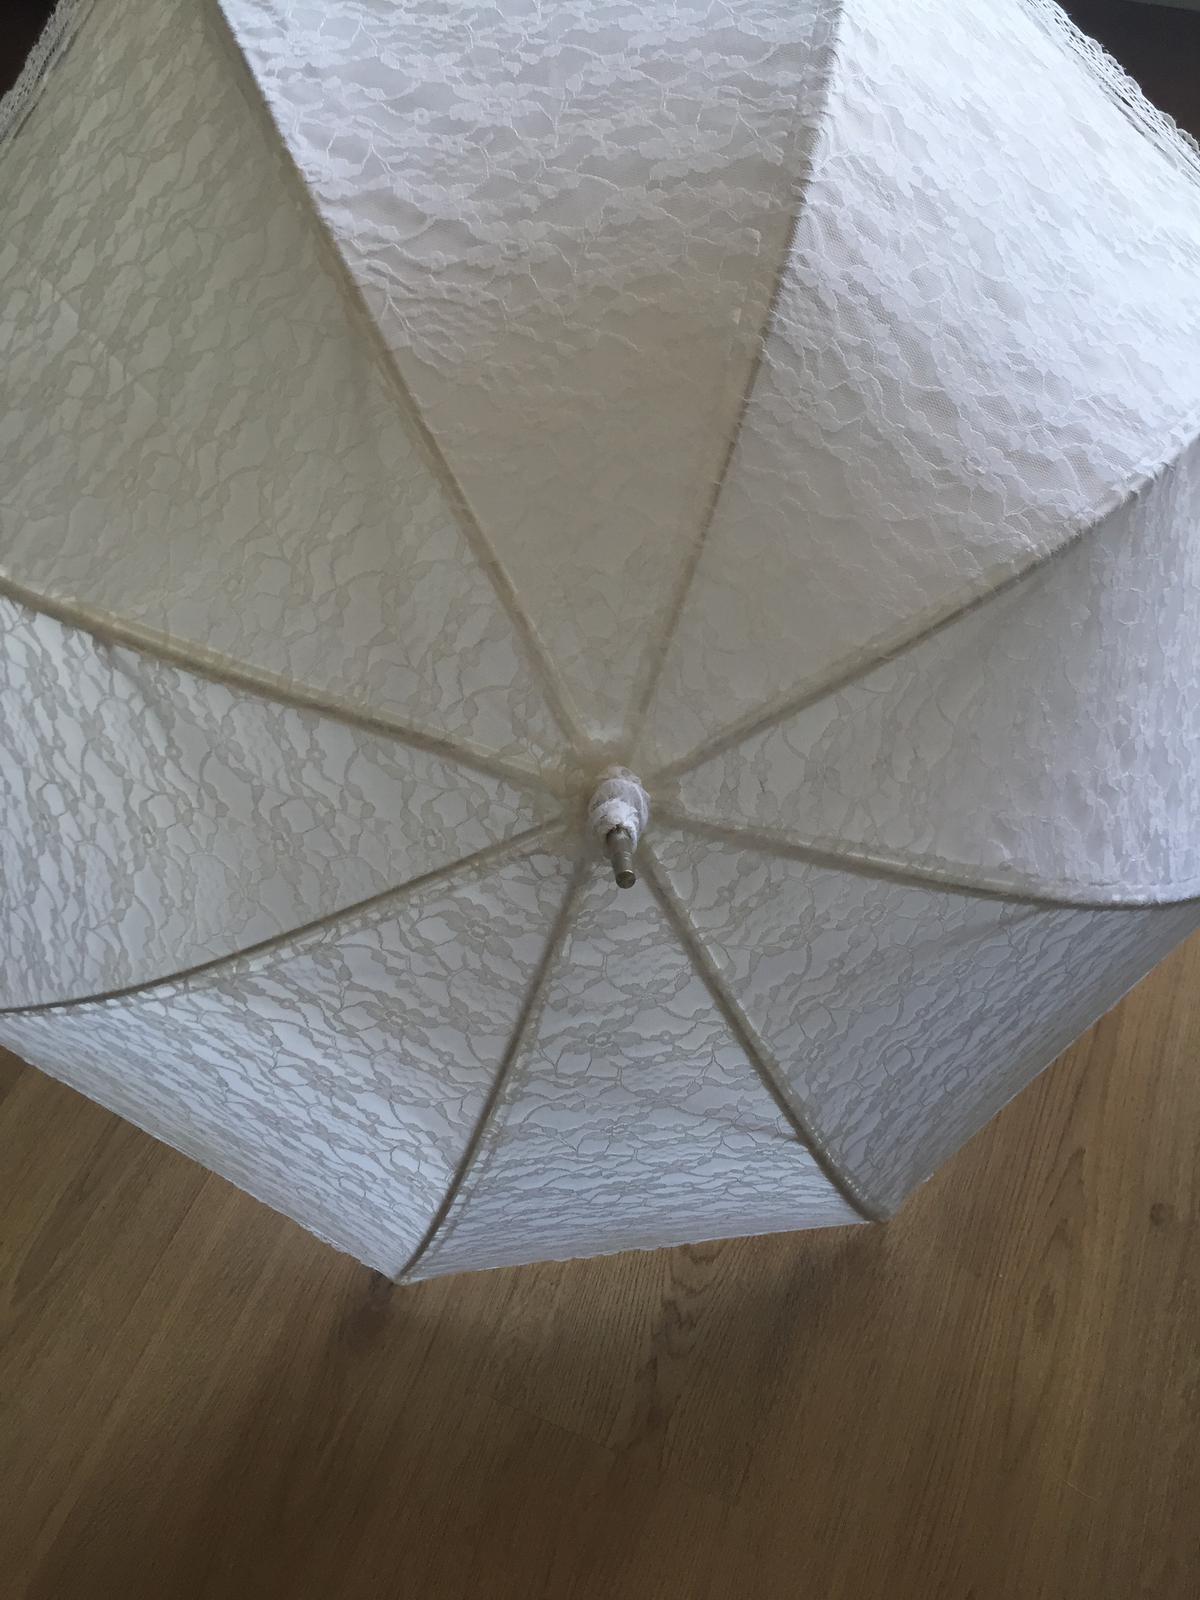 Svatební deštník na focení - Obrázek č. 1